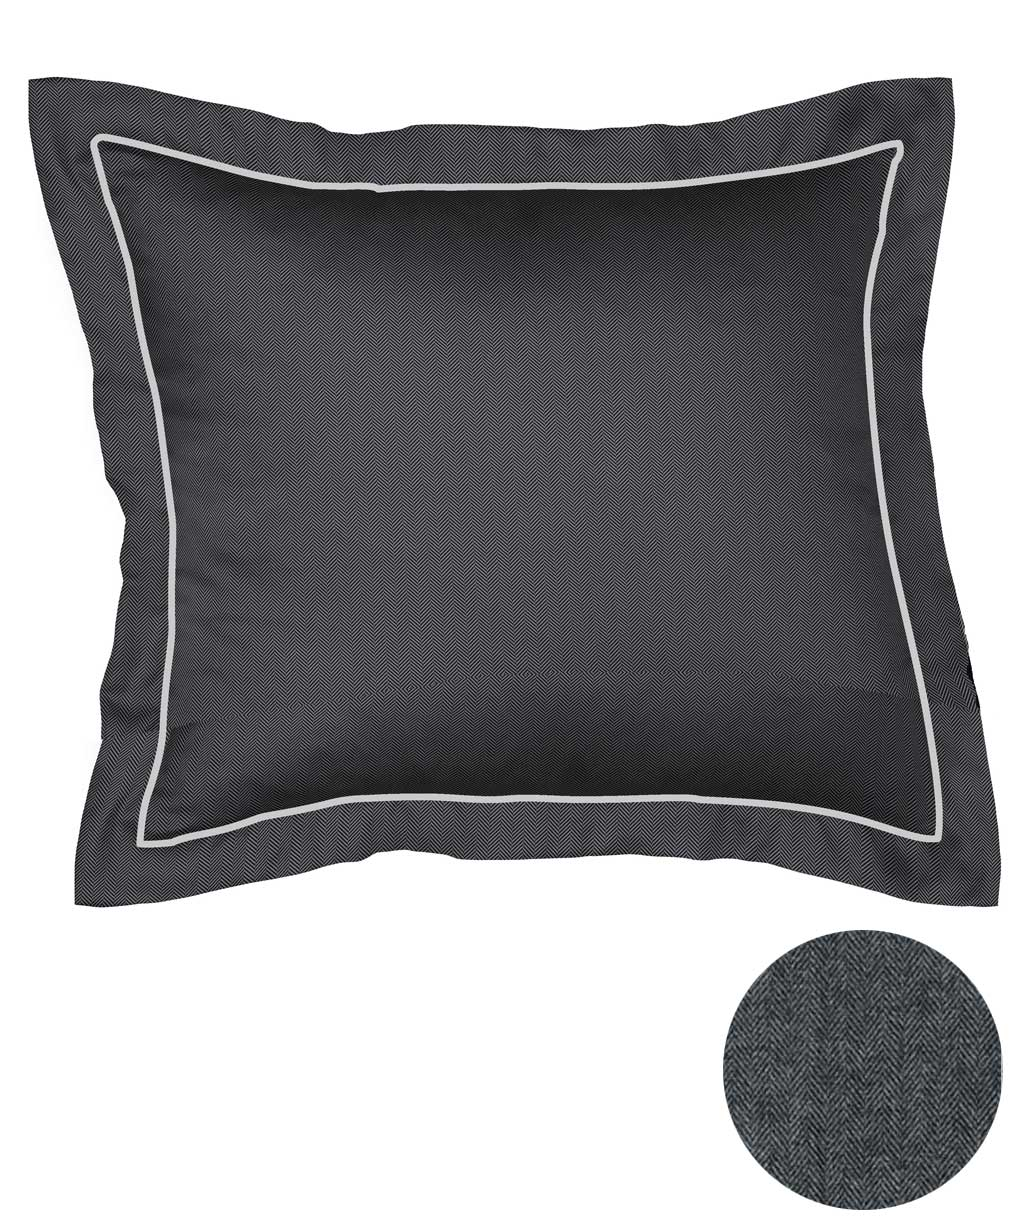 Flanell Uni Kissenbezug mit Stehsaum - Fischgrät Muster in Grau